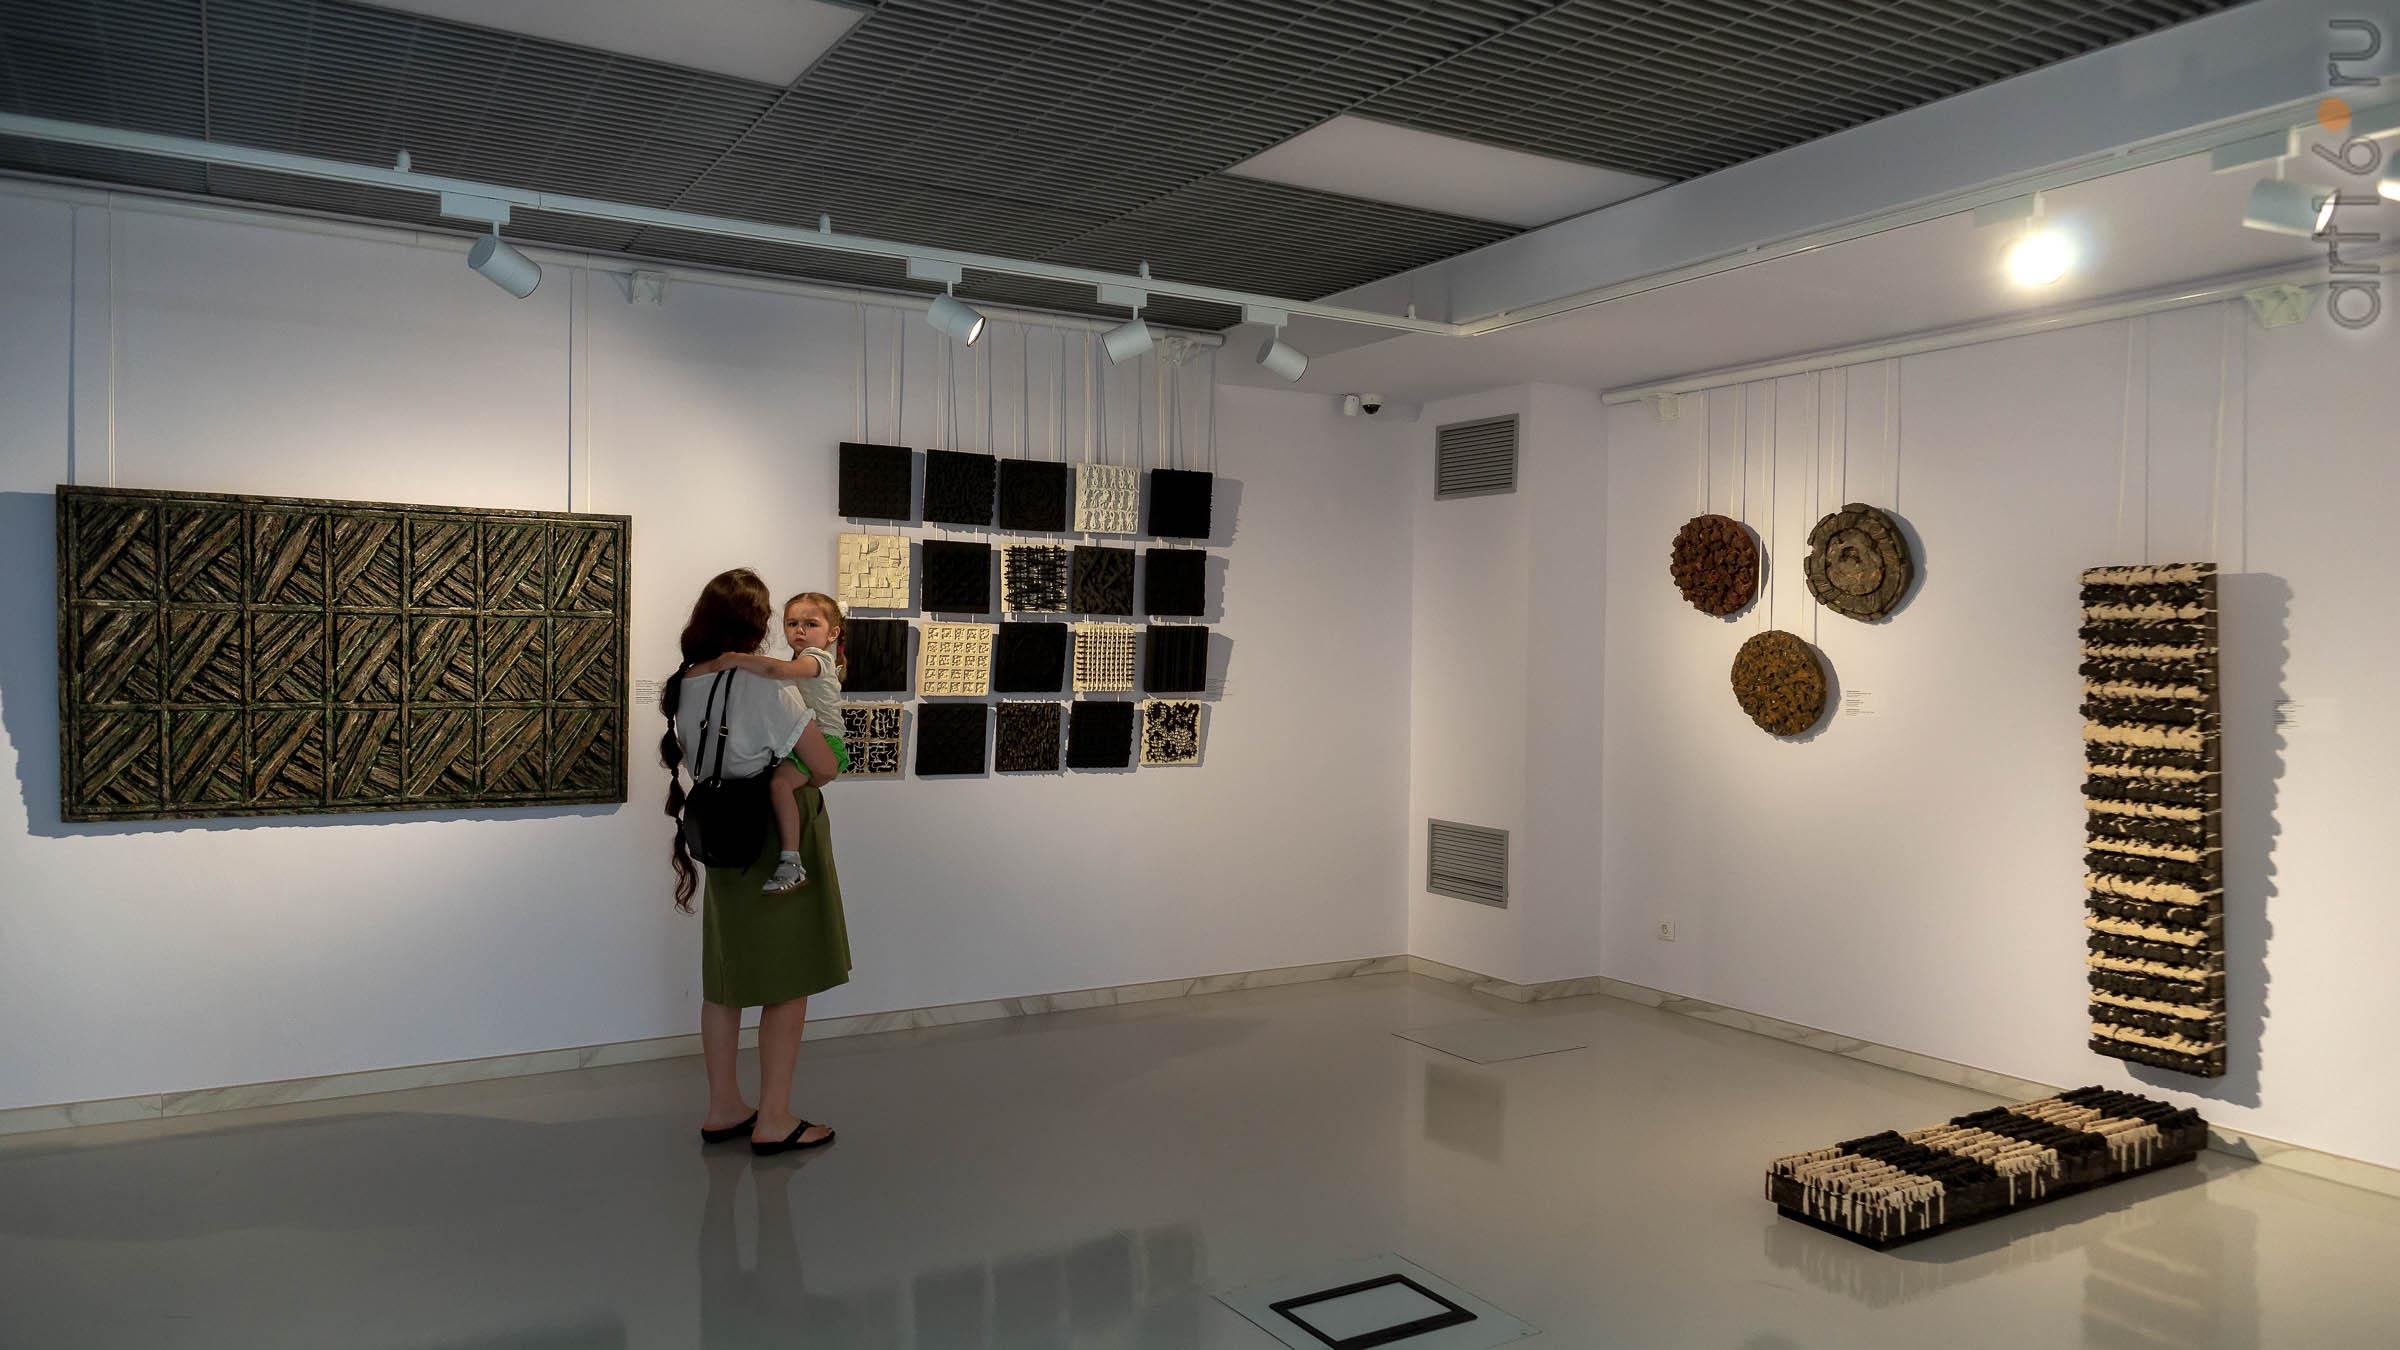 На выставке художников Дагестана, Казань::Transformatio. Современное искусство Дагестана